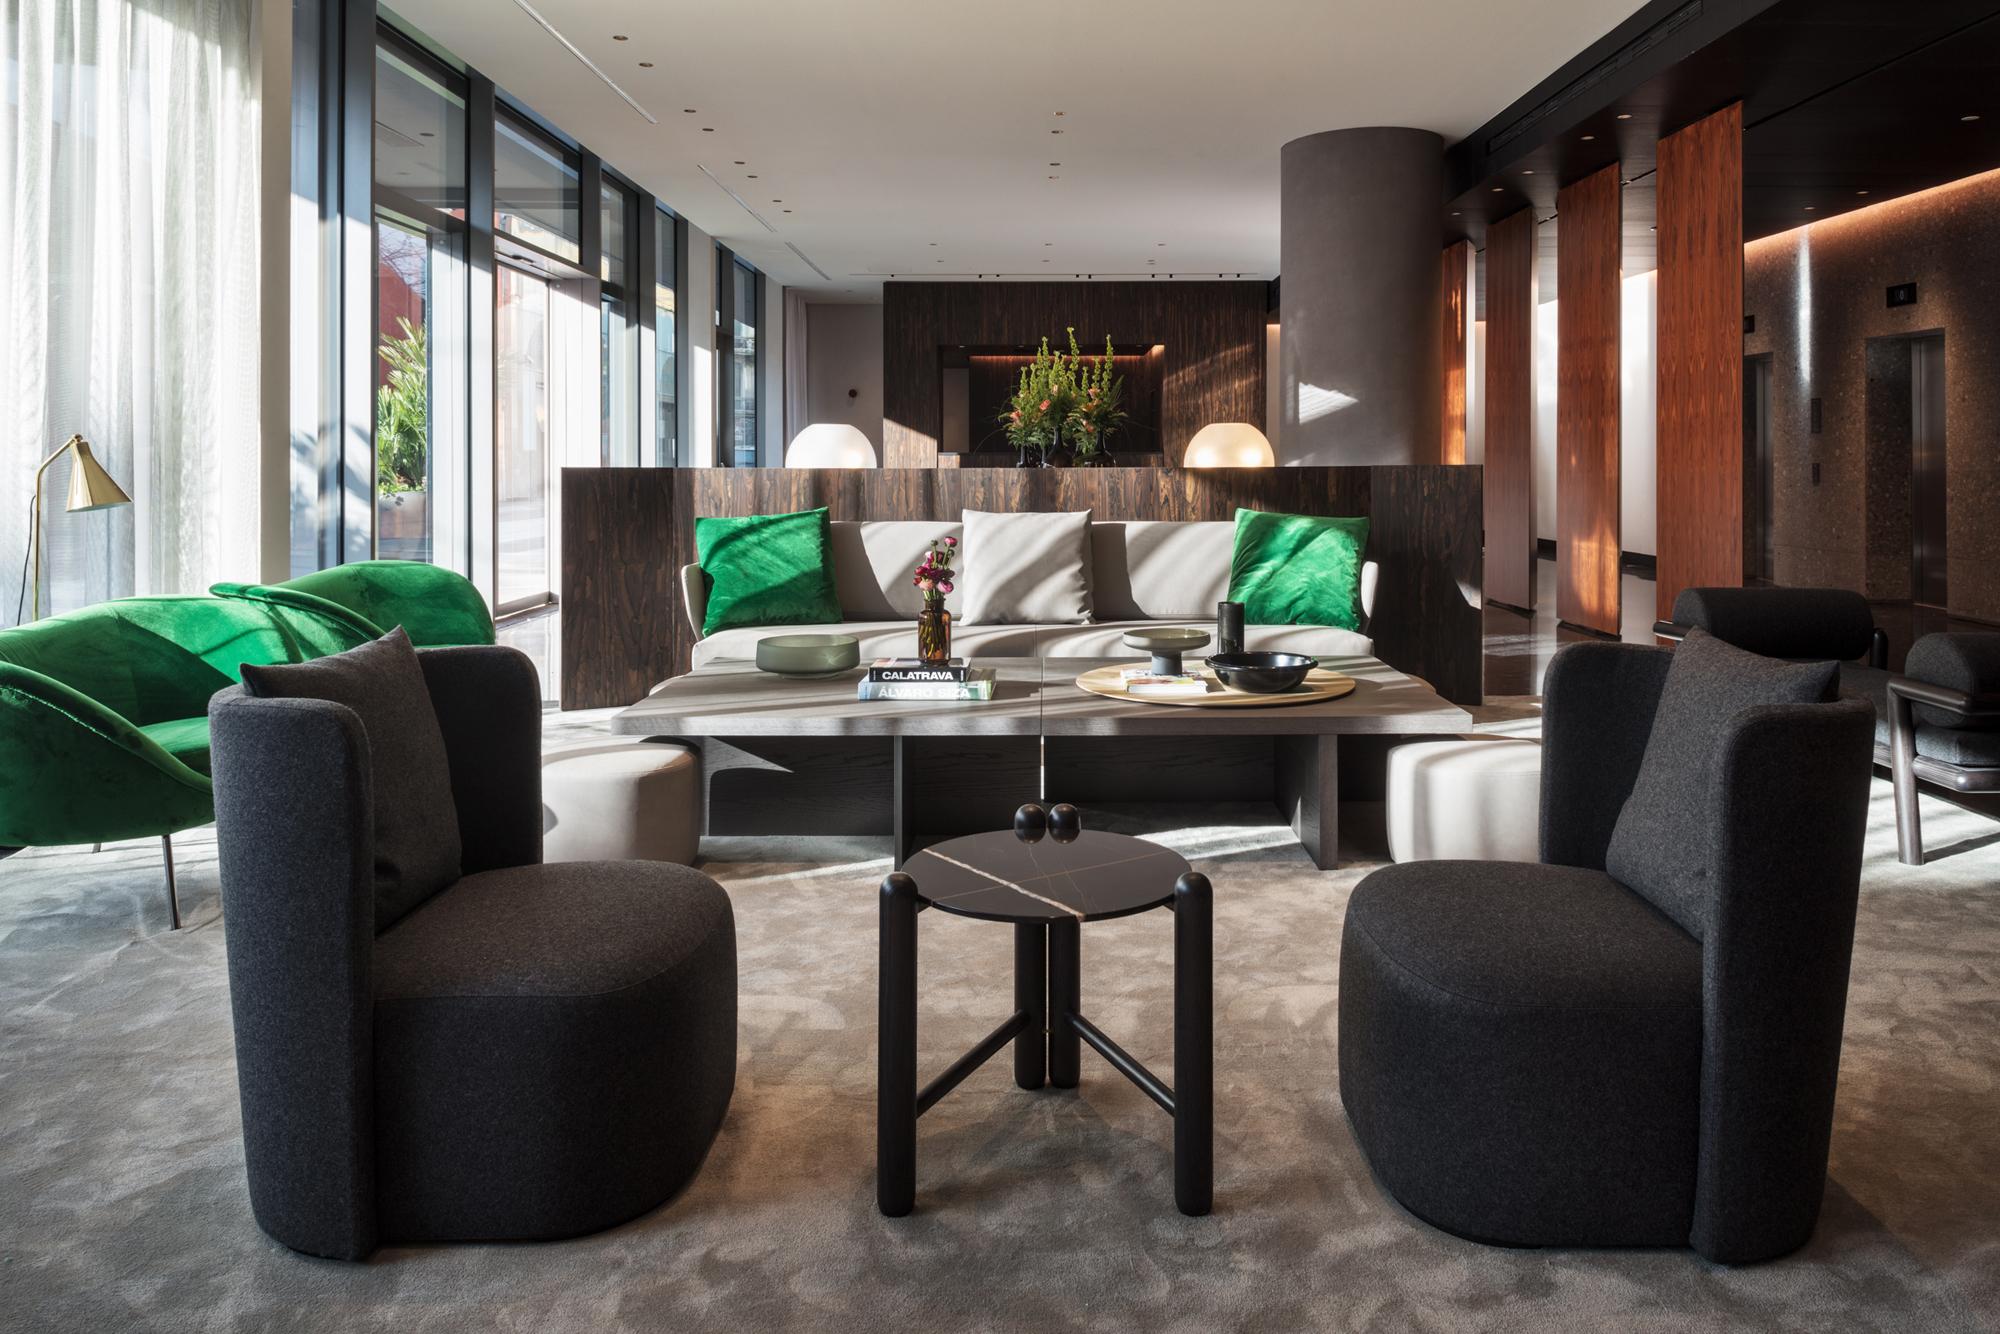 Hotel Viu Milan - Milano